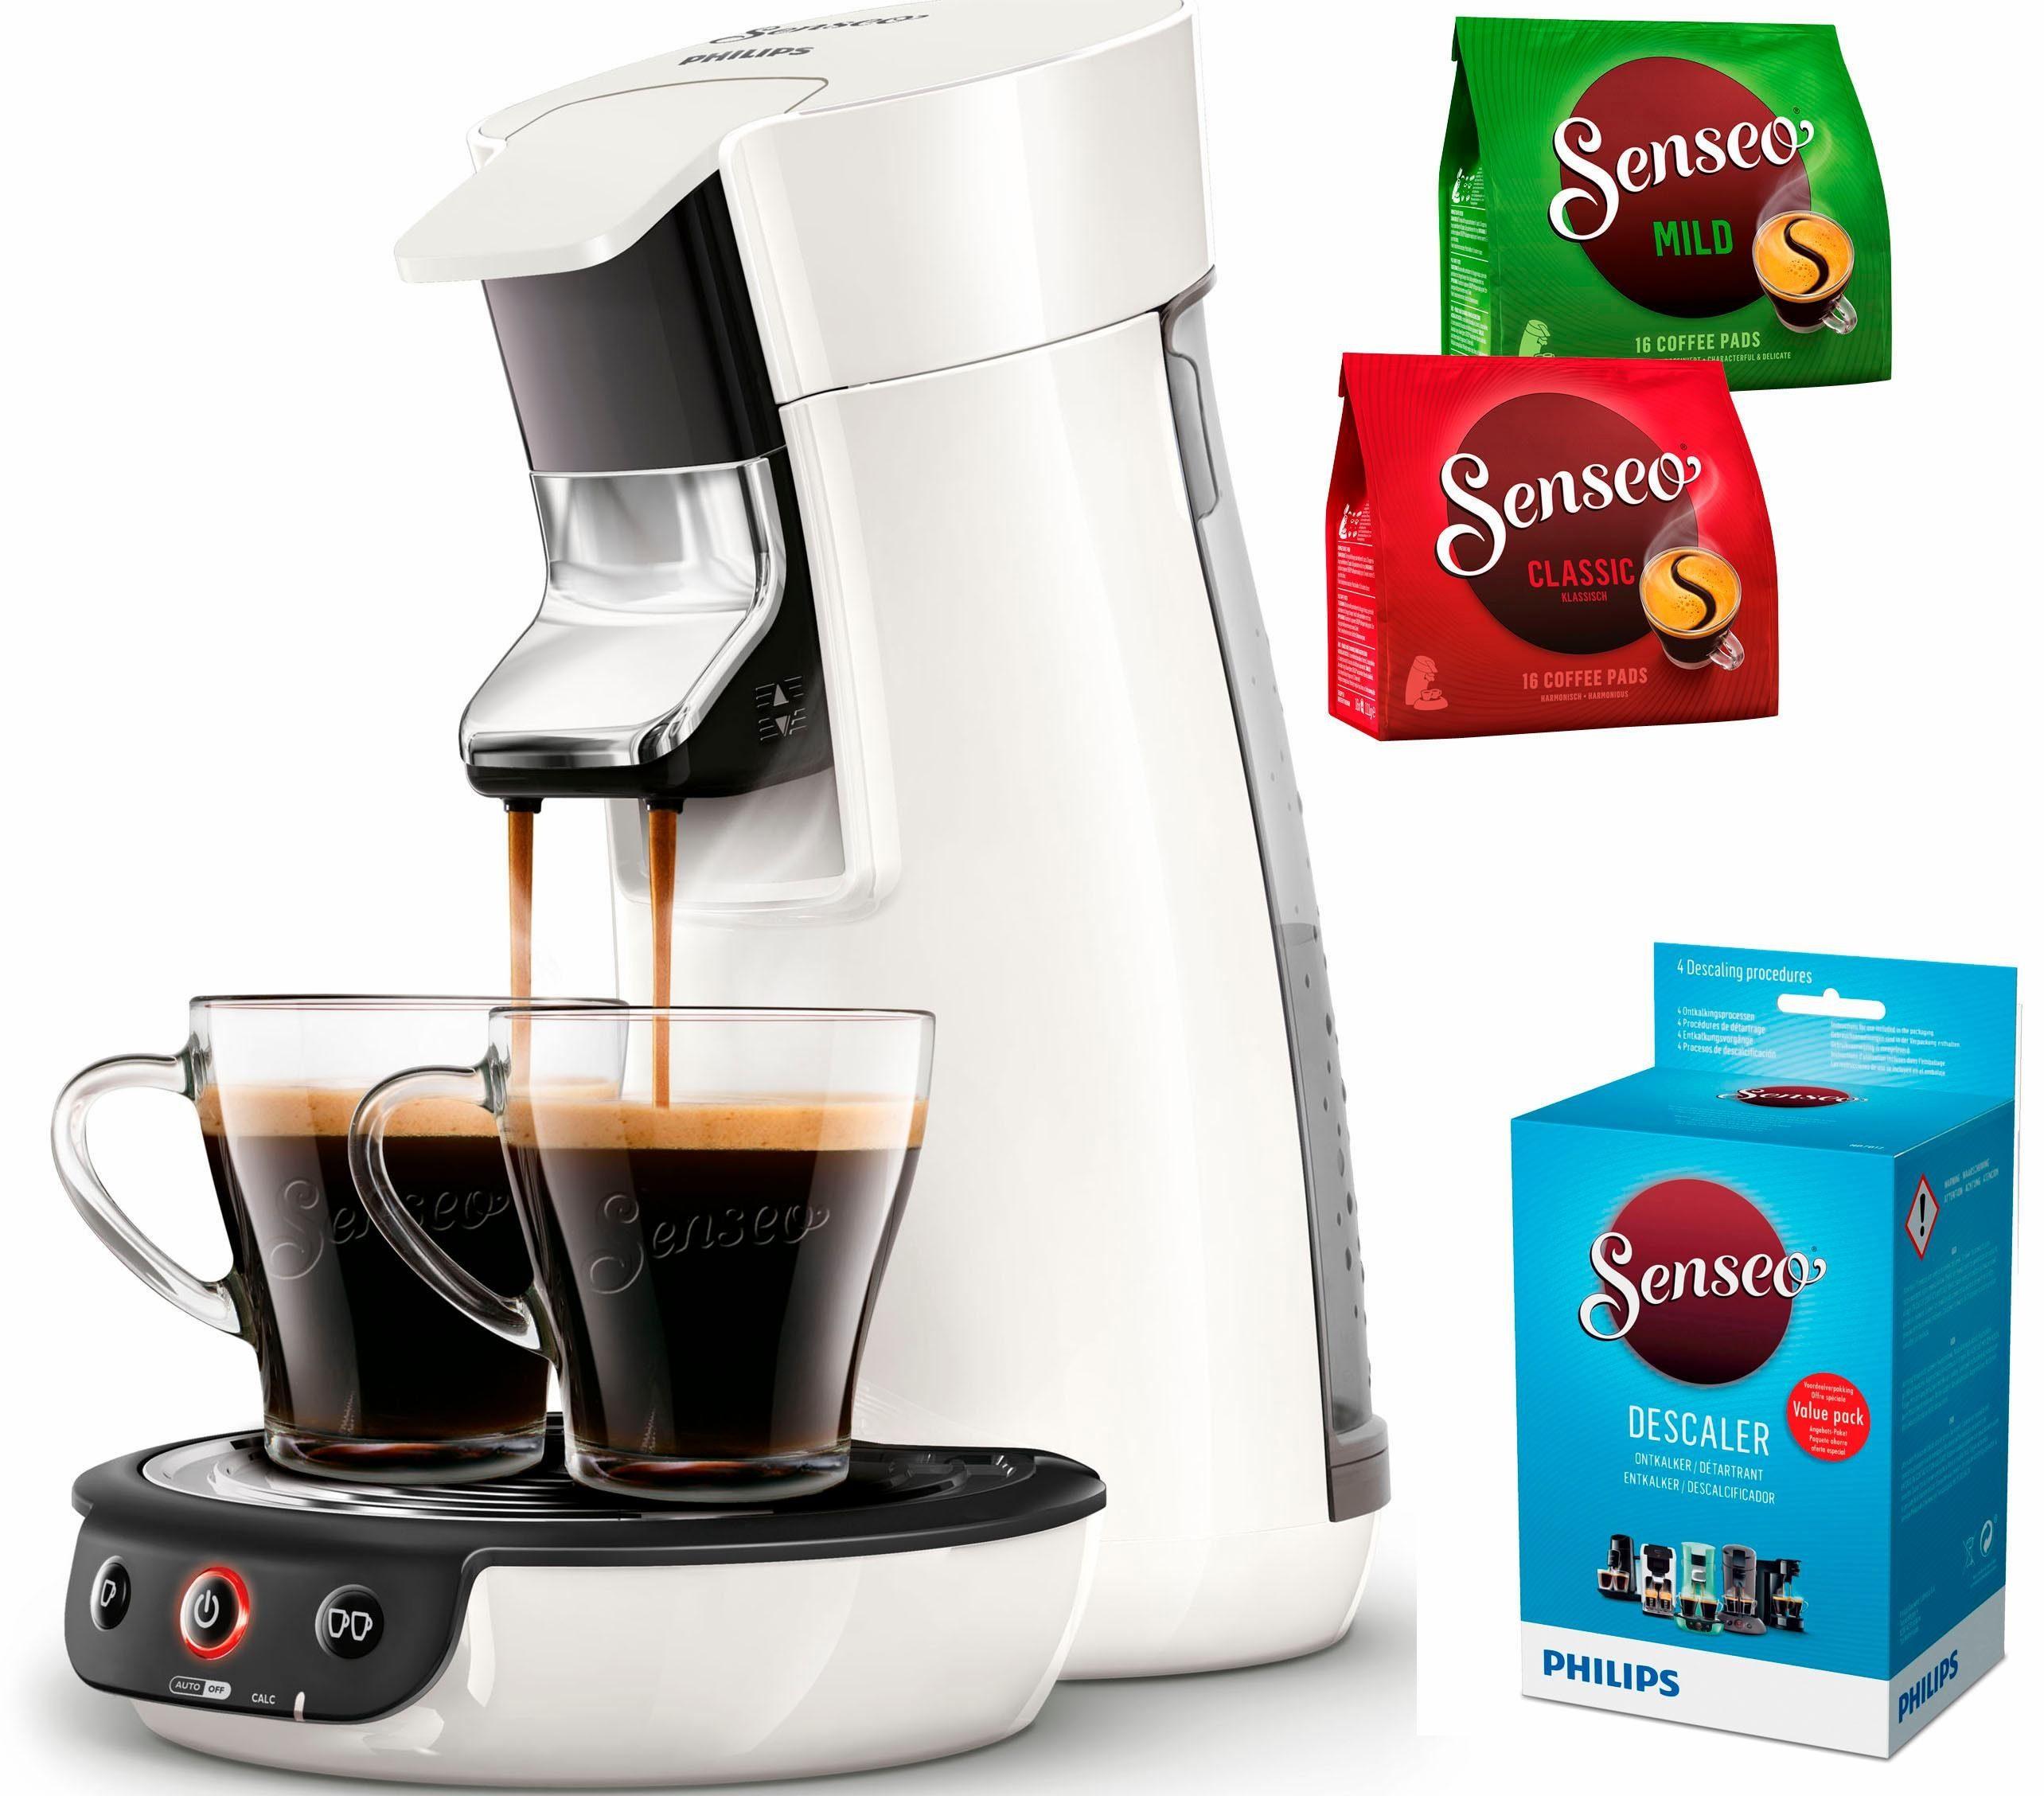 Senseo Kaffeepadmaschine SENSEO® Viva Café HD7829/00, inkl. Gratis-Zugaben im Wert von 14,- UVP